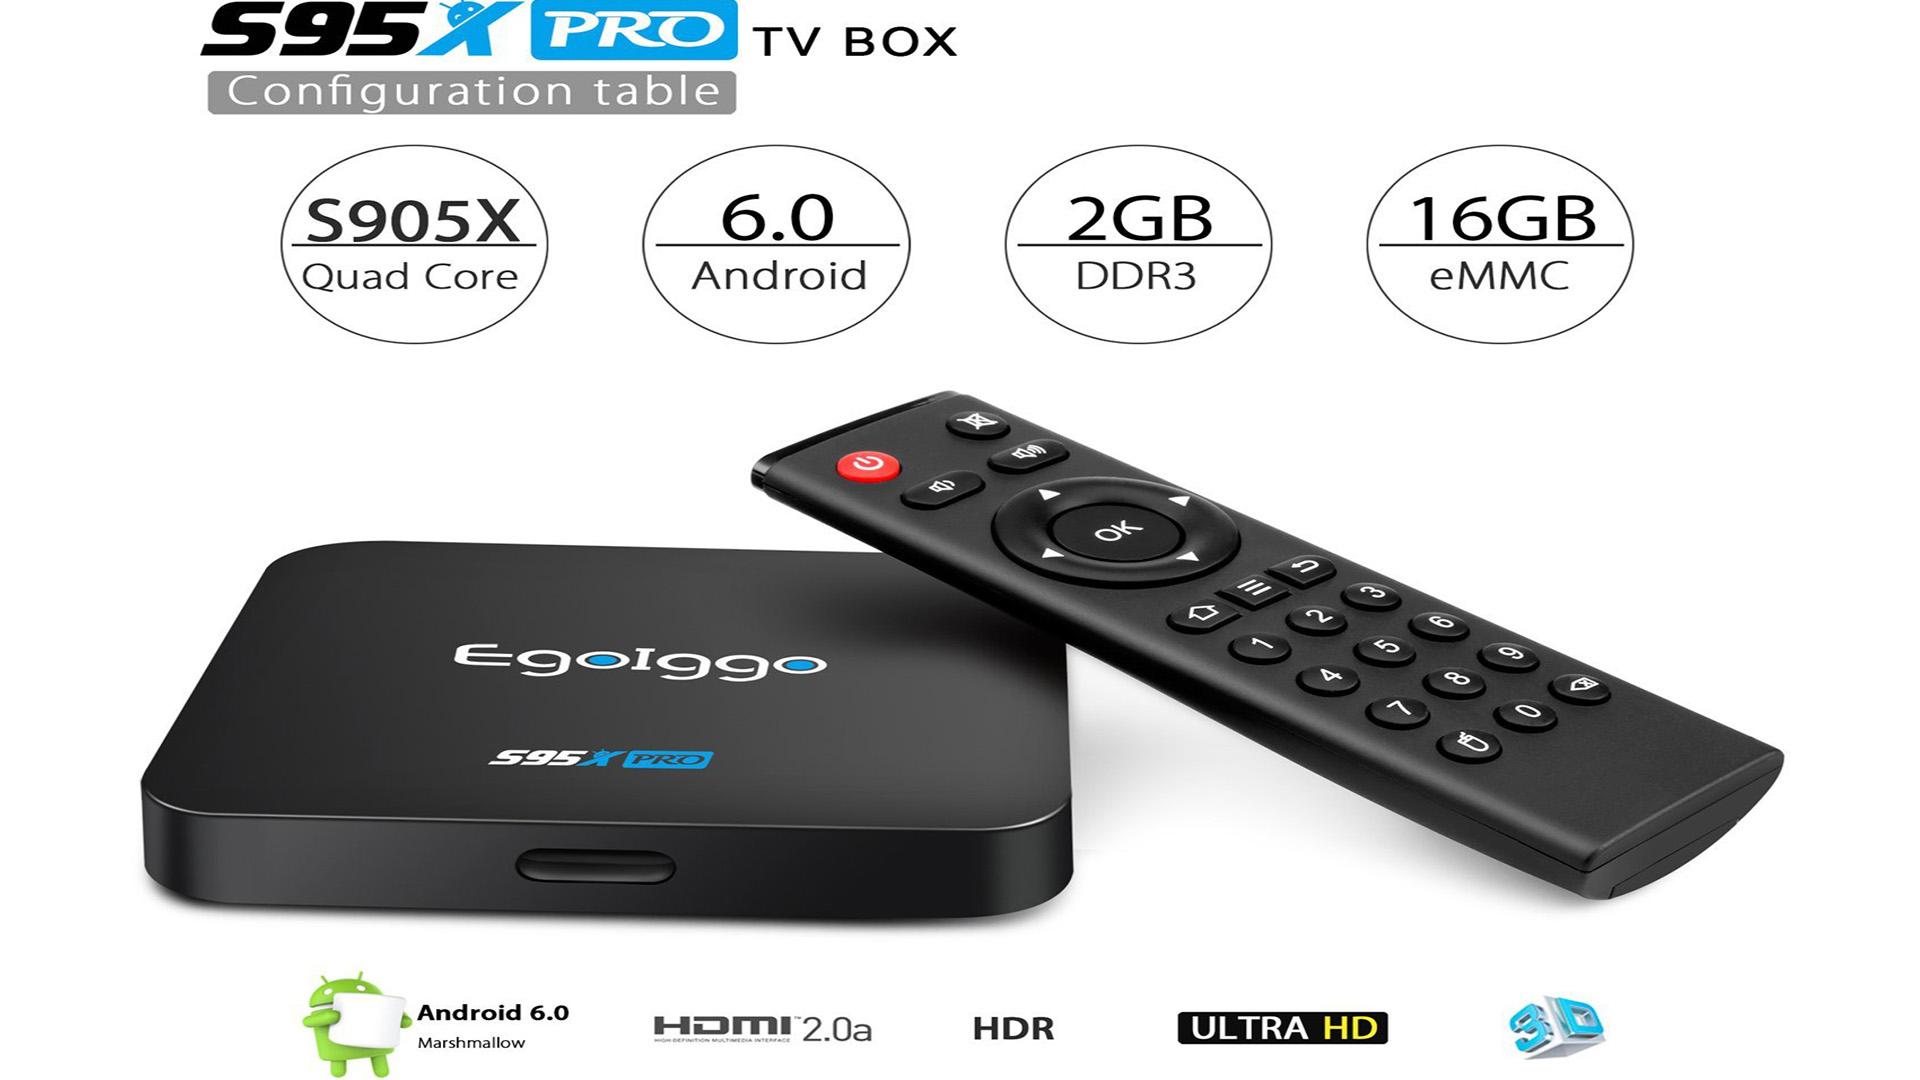 EgoIggo S95X Pro